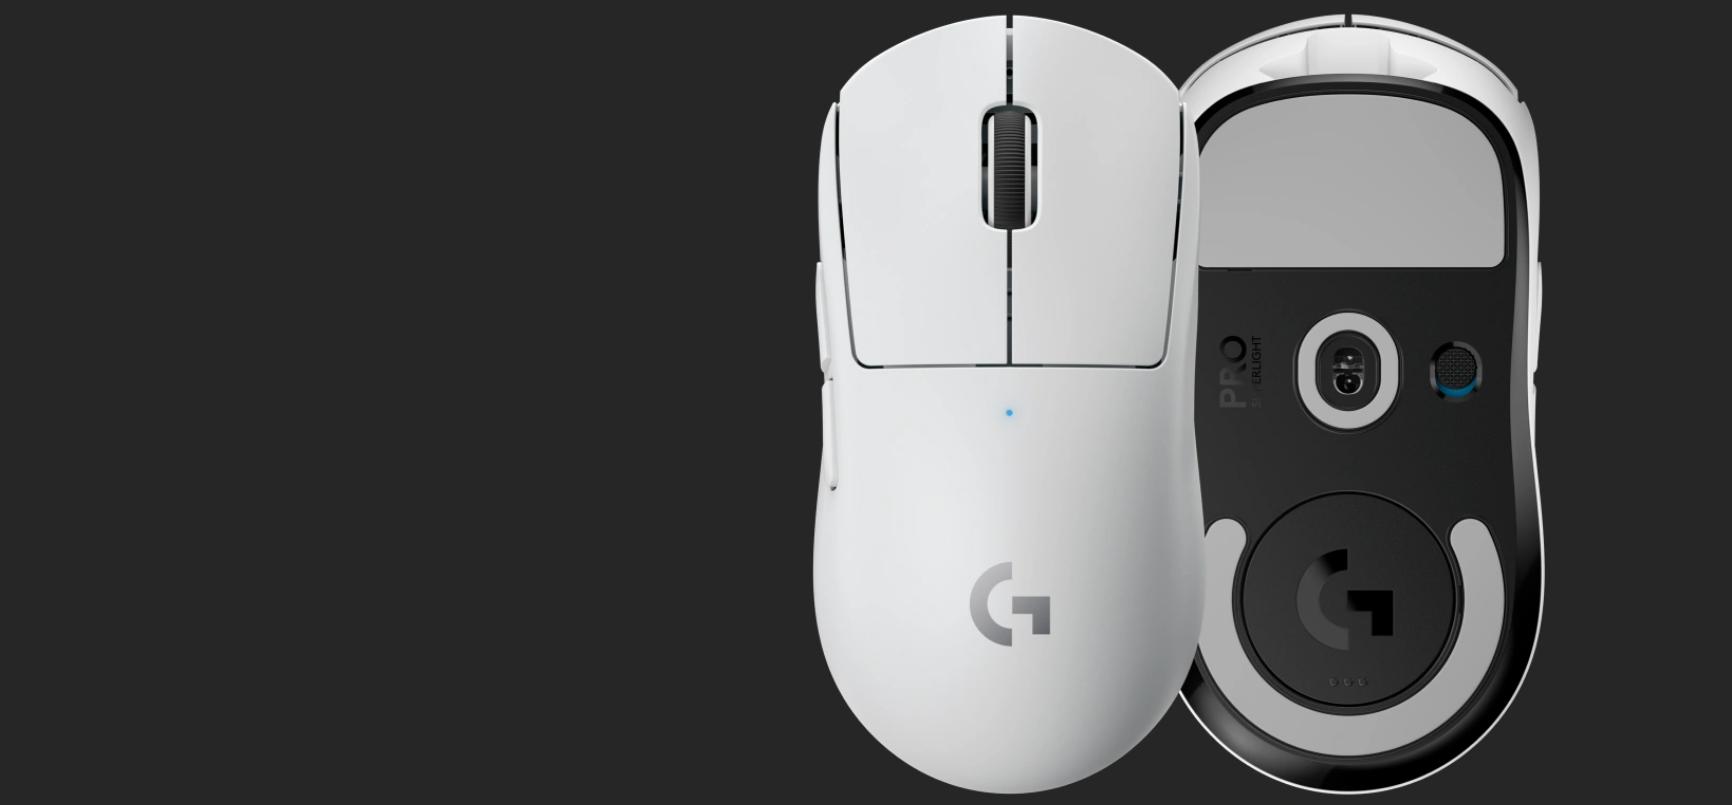 Chuột không dây Logitech Pro X Superlight White (USB/RGB/Trắng/910-005944) sử dụng bộ feet chuột PTFE lớn